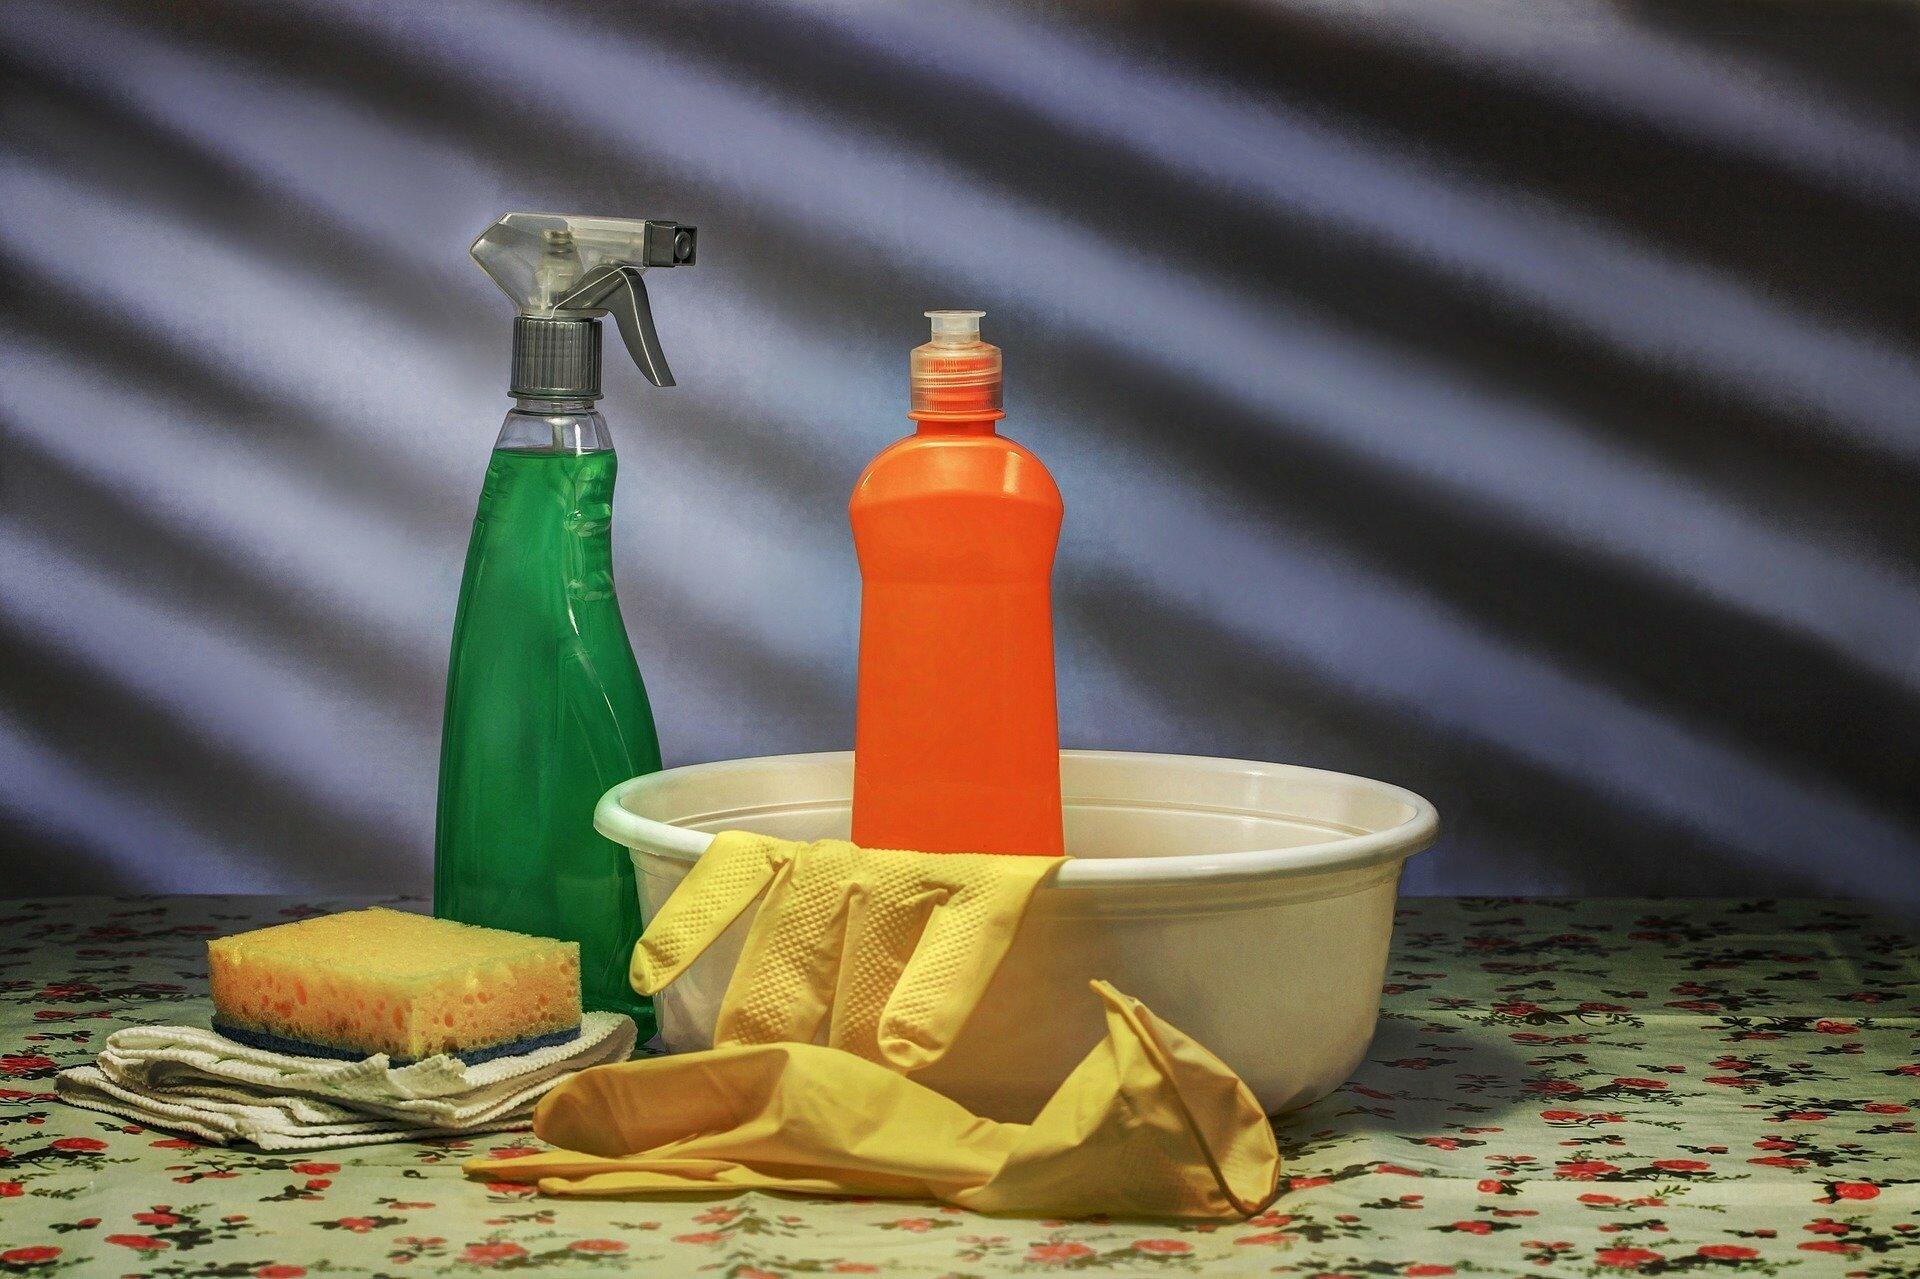 Как использовать бытовую химию без нанесения вреда здоровью